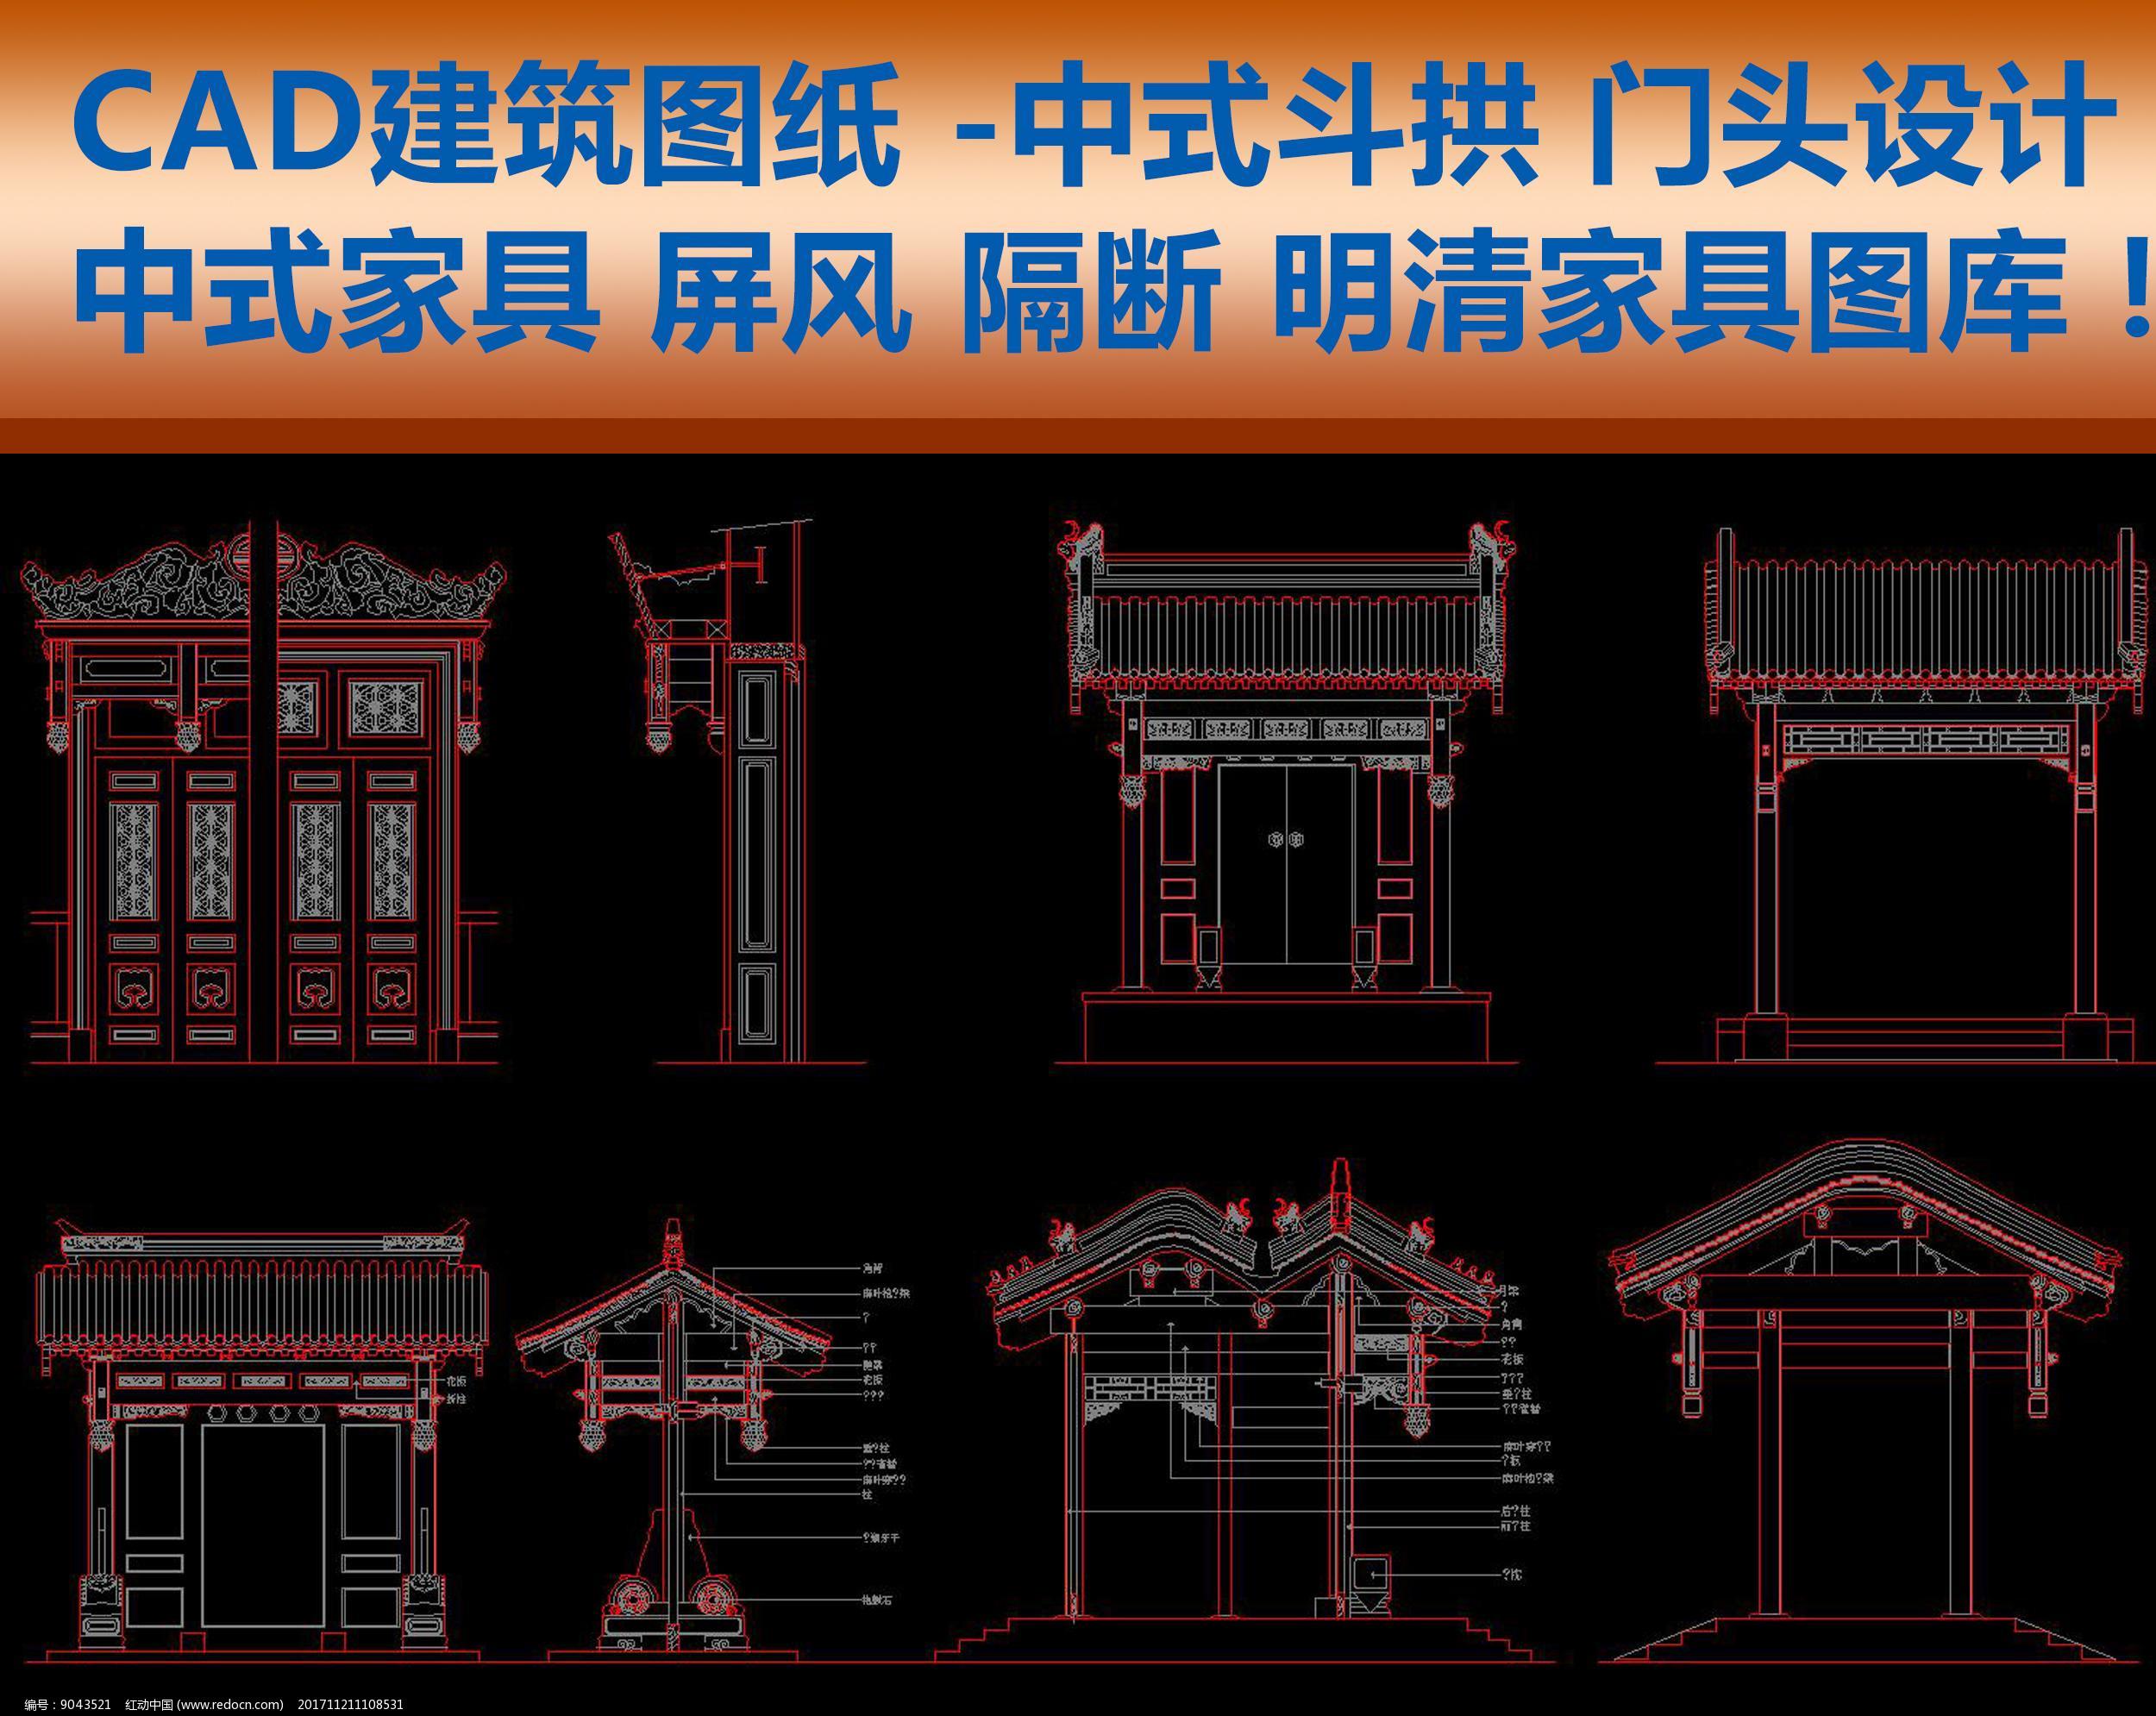 CAD中式建筑斗拱明清家具 图片